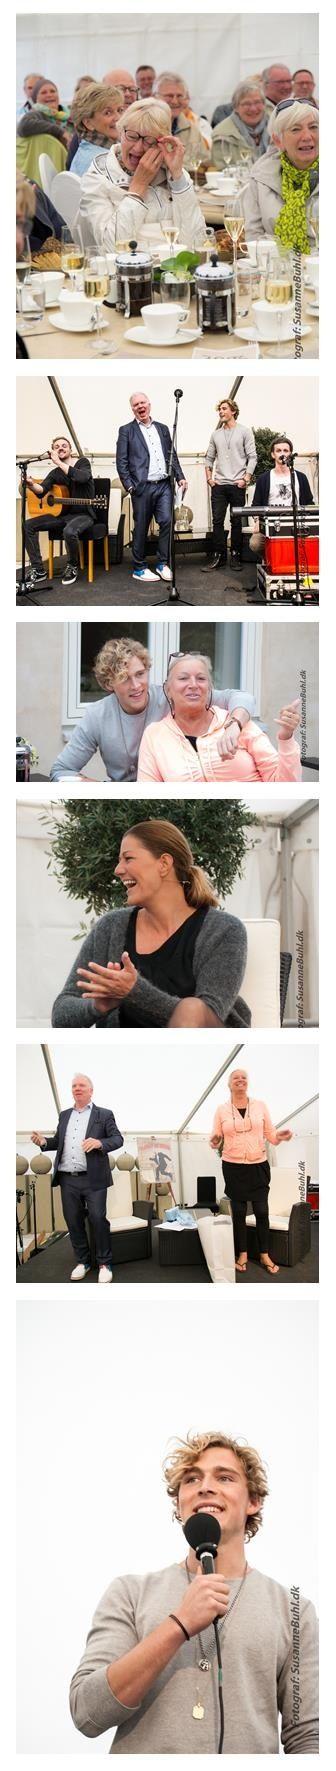 Mette blomsterberg konditor, Christopher, cafe hack, Søren Dahl, ilse Jacobsen